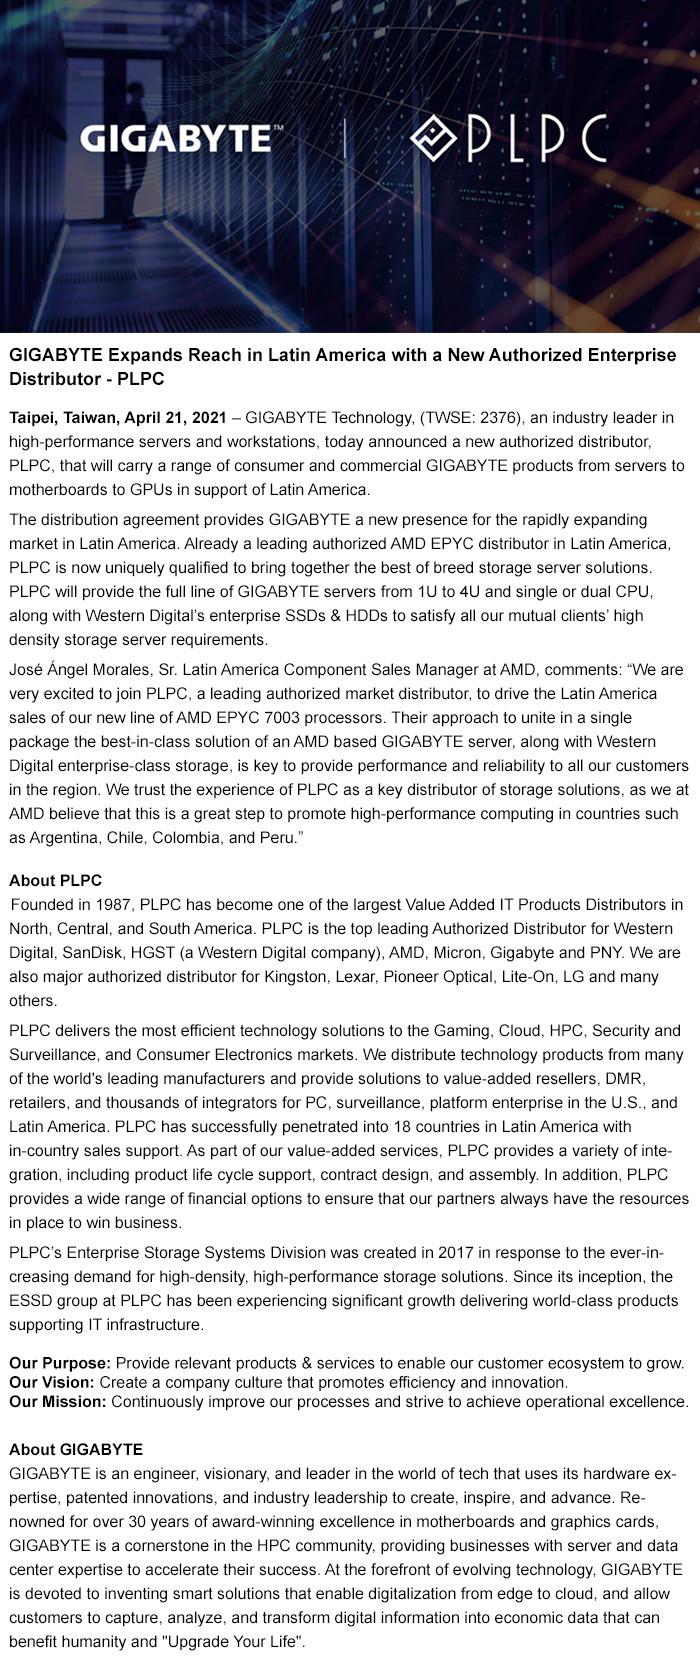 Gigabyte_CPU_PLPC_Announcement.jpg